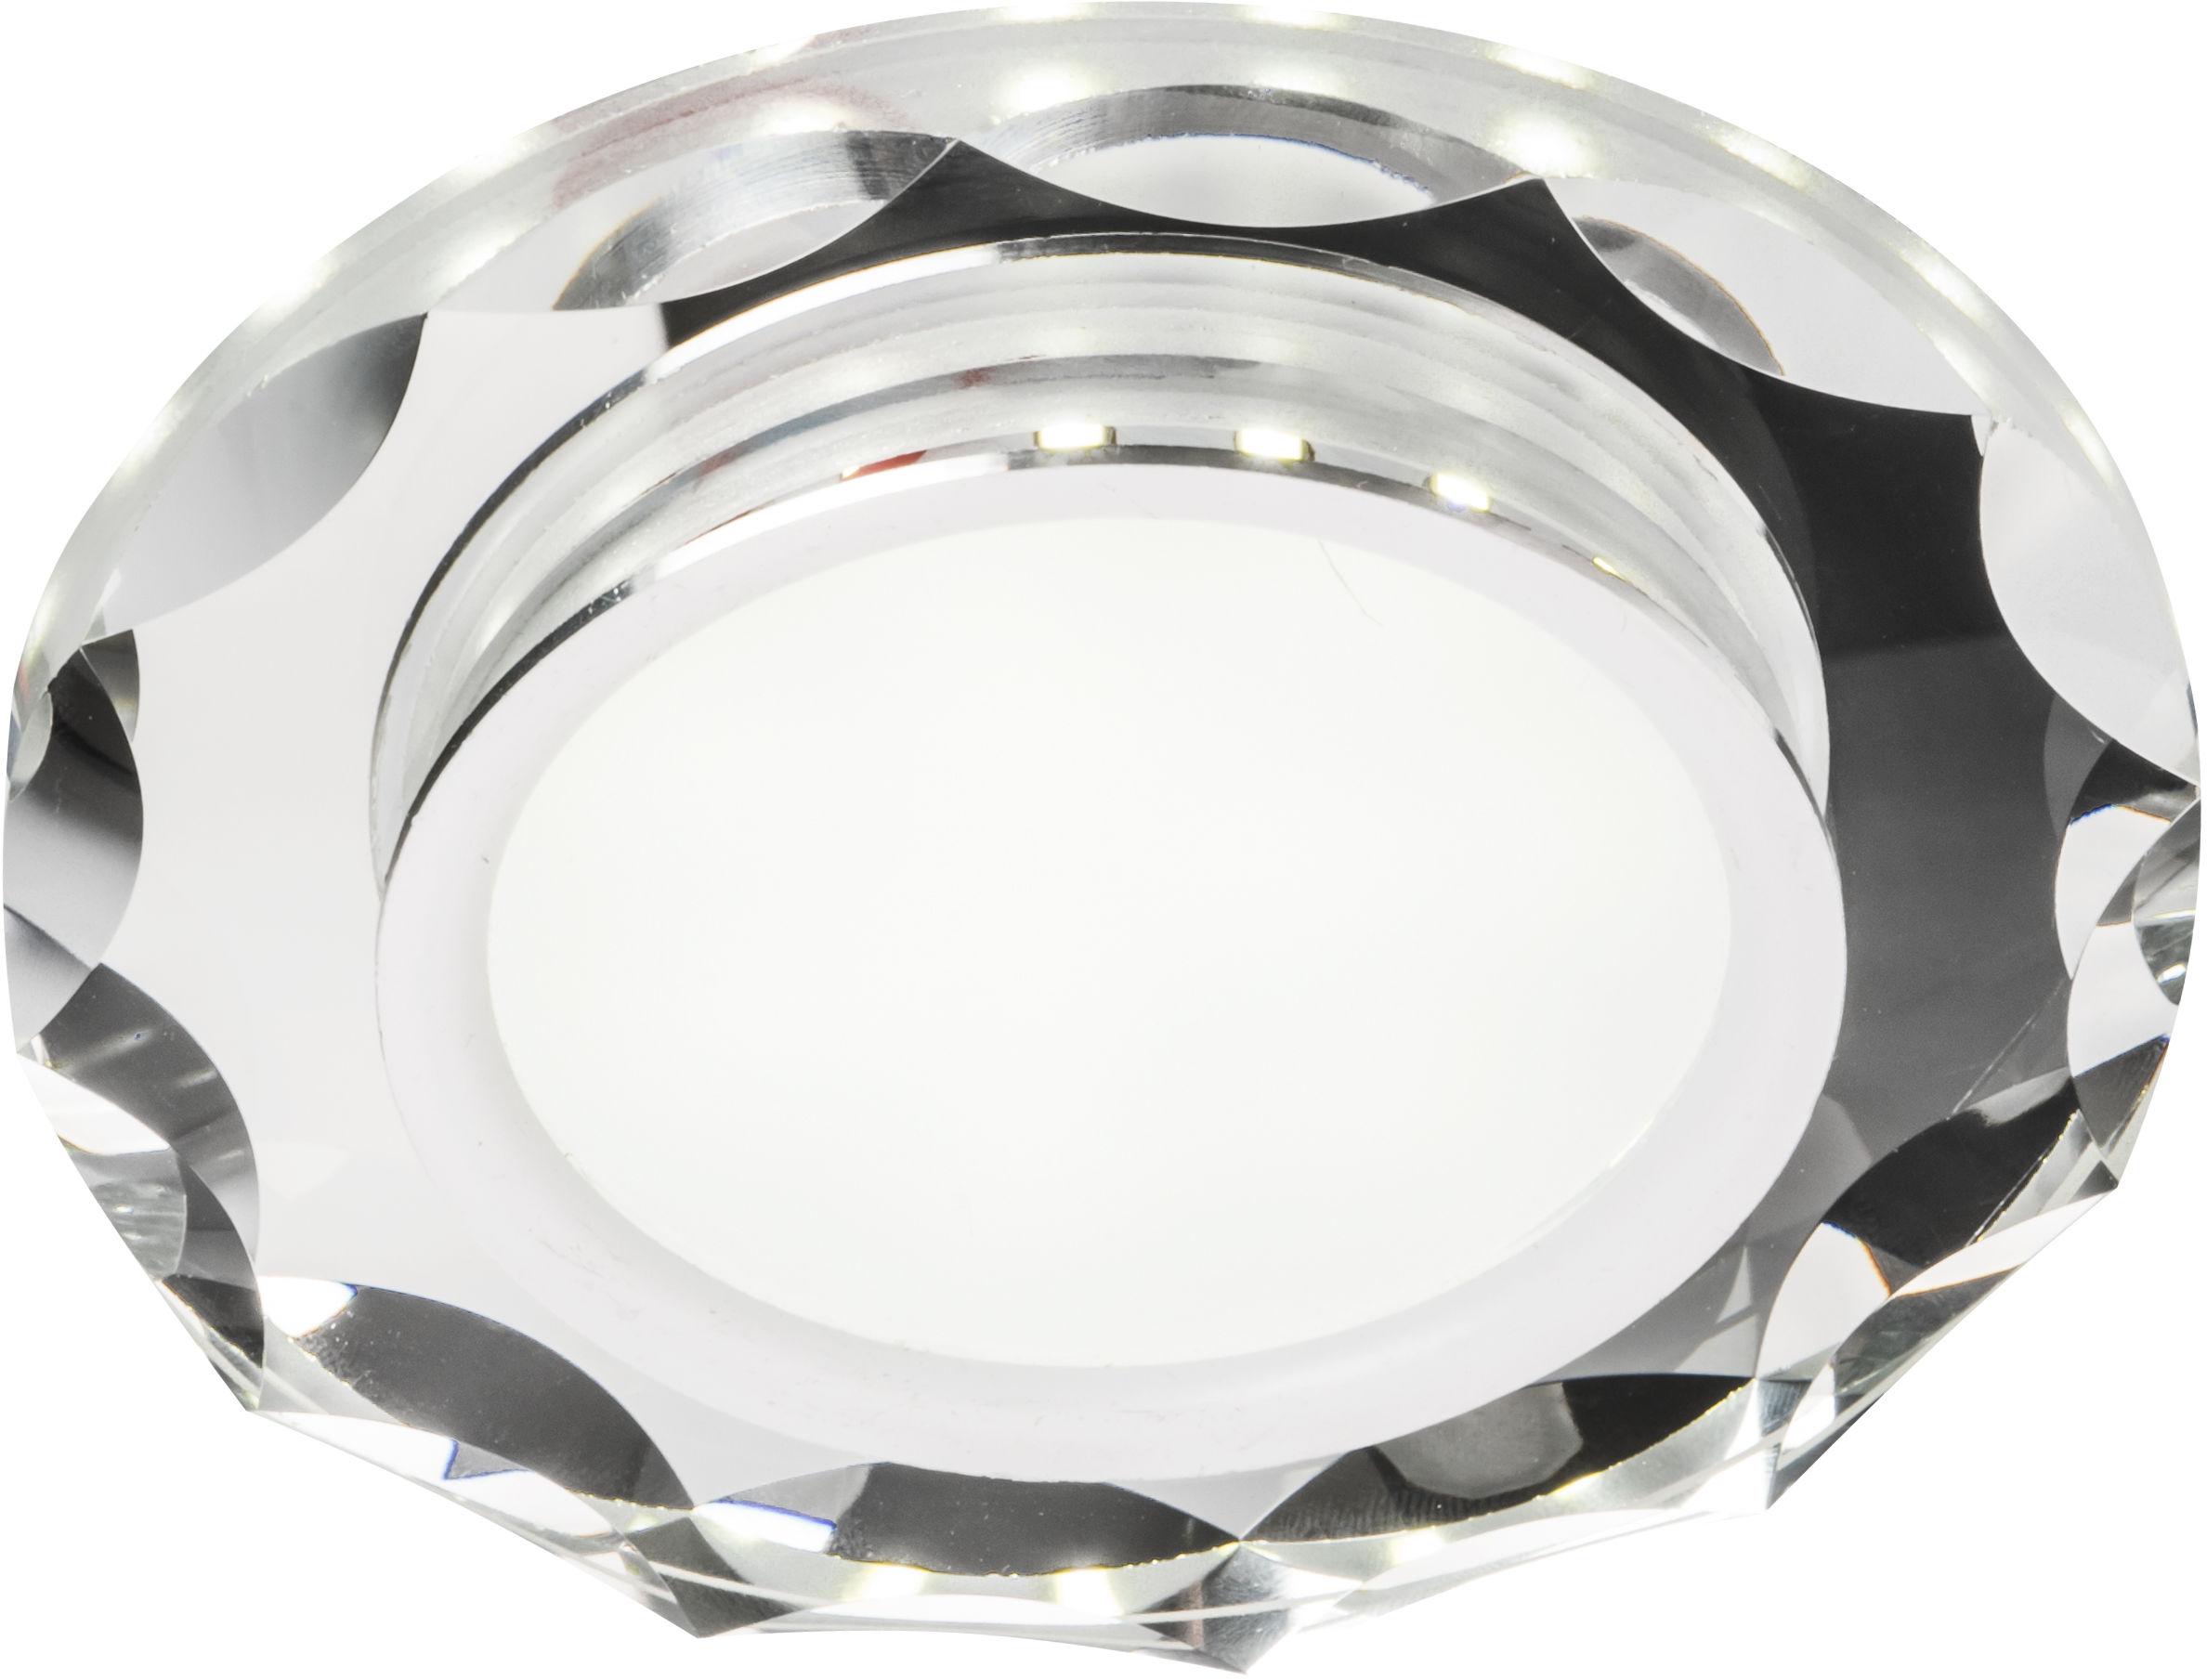 Candellux SSP-25 CH/TR+WH 2263939 oprawa do wbudowania stropowa 8W LED 230V ring LED biały oczko sufitowe okrągła szkło transparentne 11cm